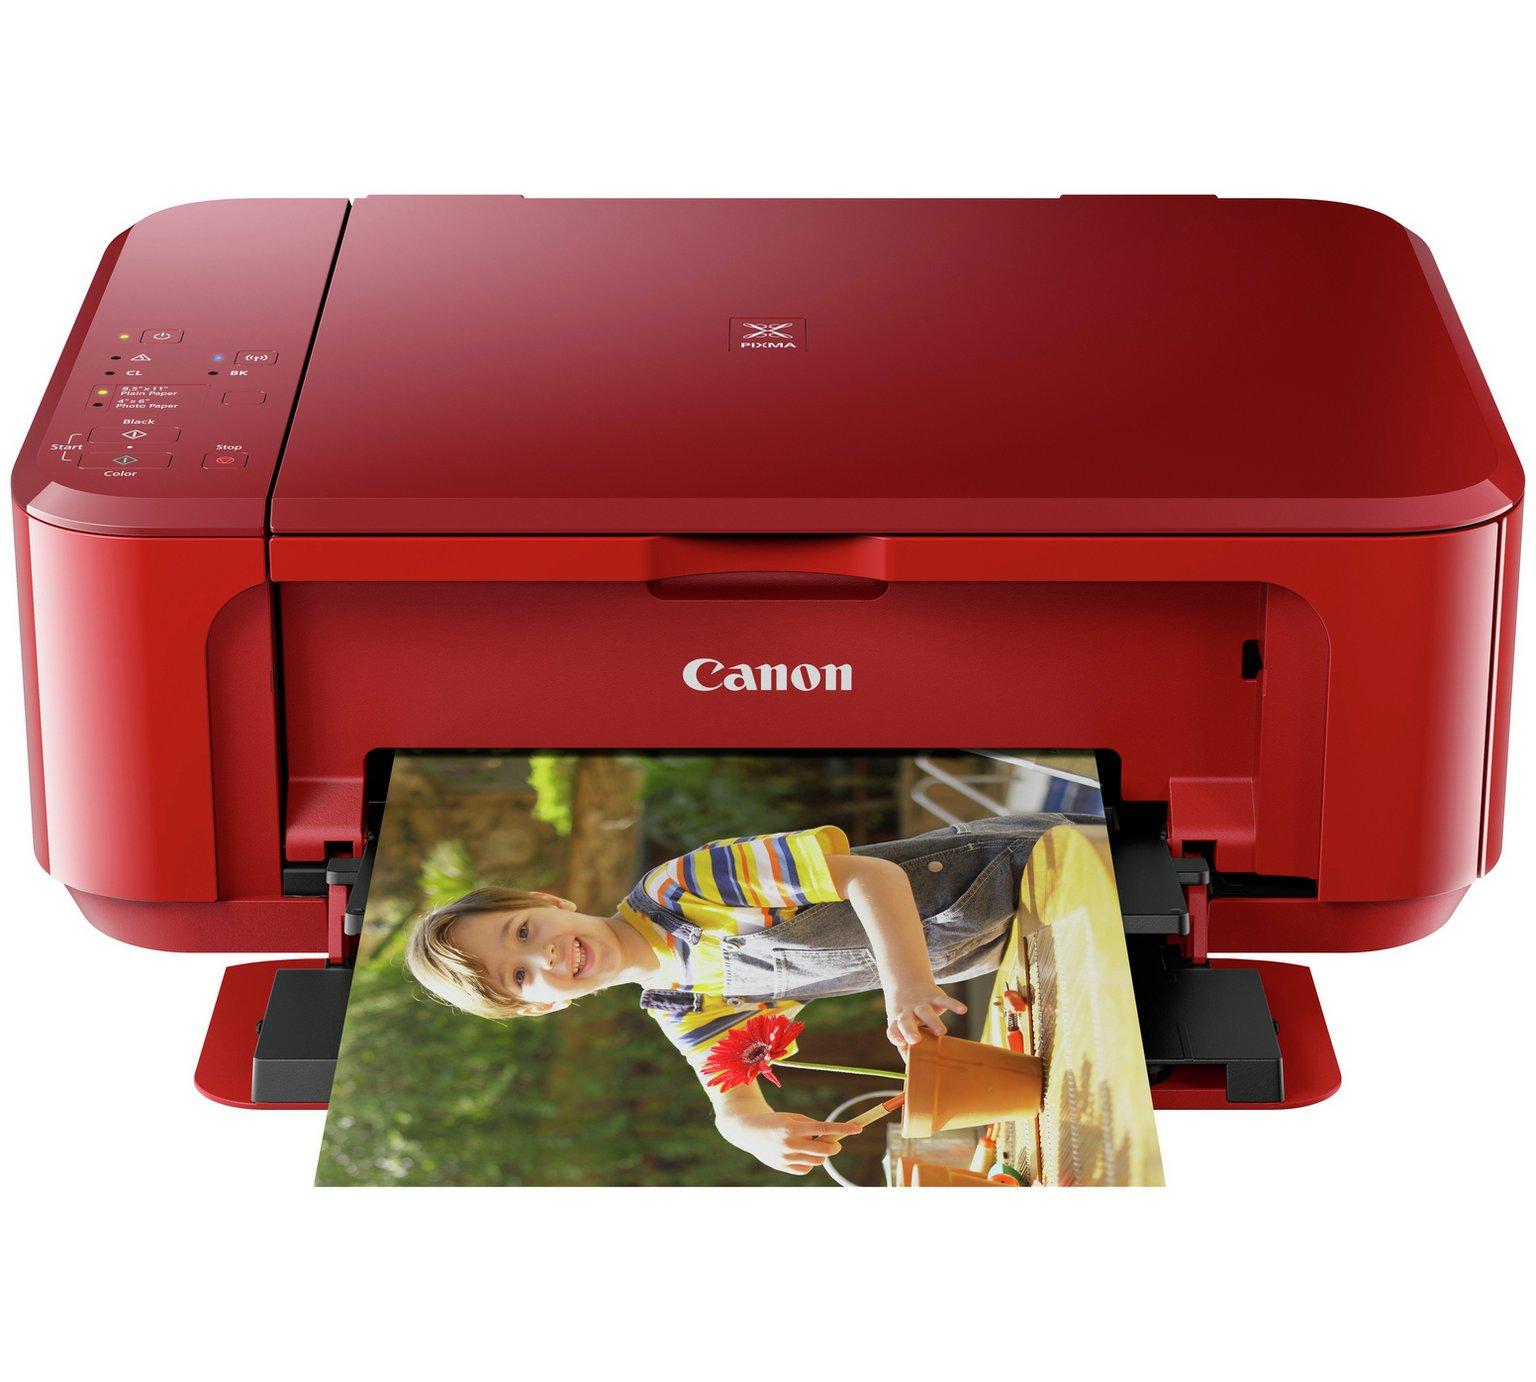 Canon PIXMA MG3650 Wireless All-in-One Colour Printer